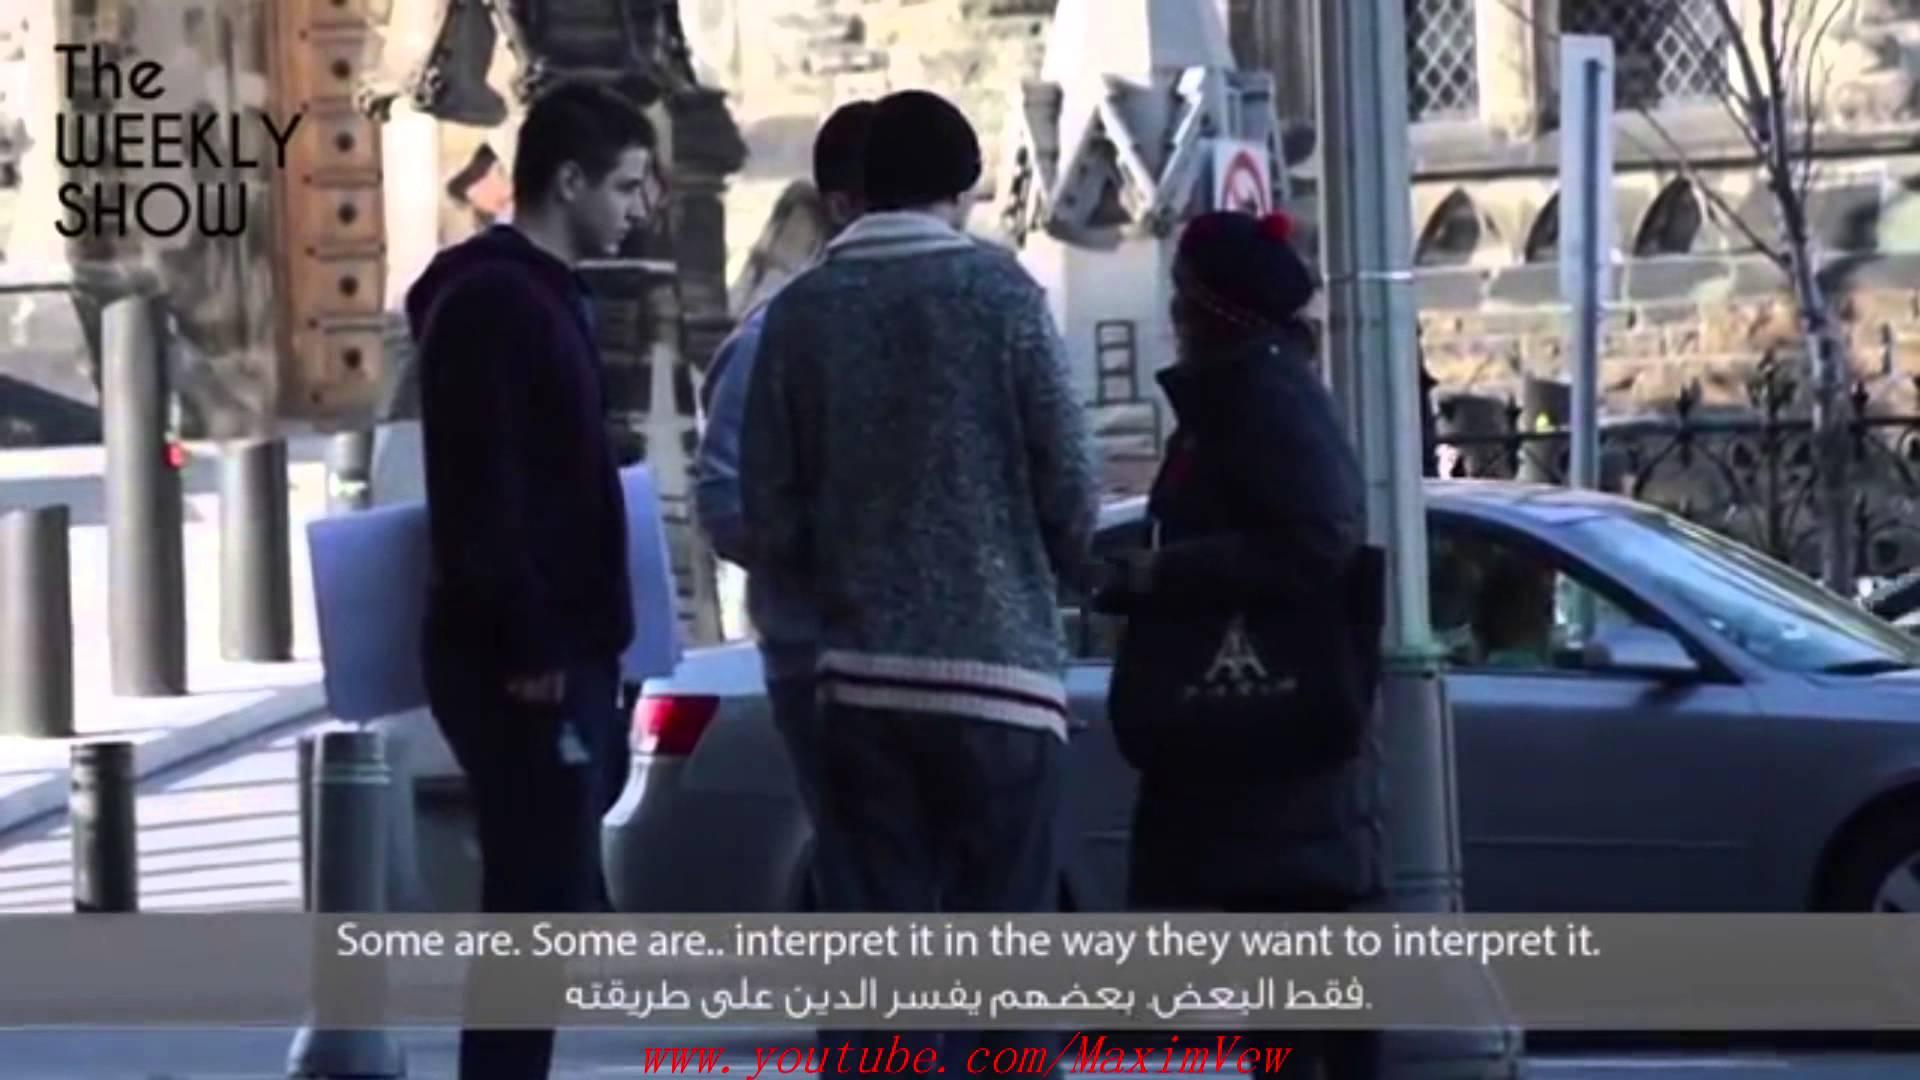 ولد عبد العزيز يقاطع مسيرة باريس بسبب الاساءة للاسلام